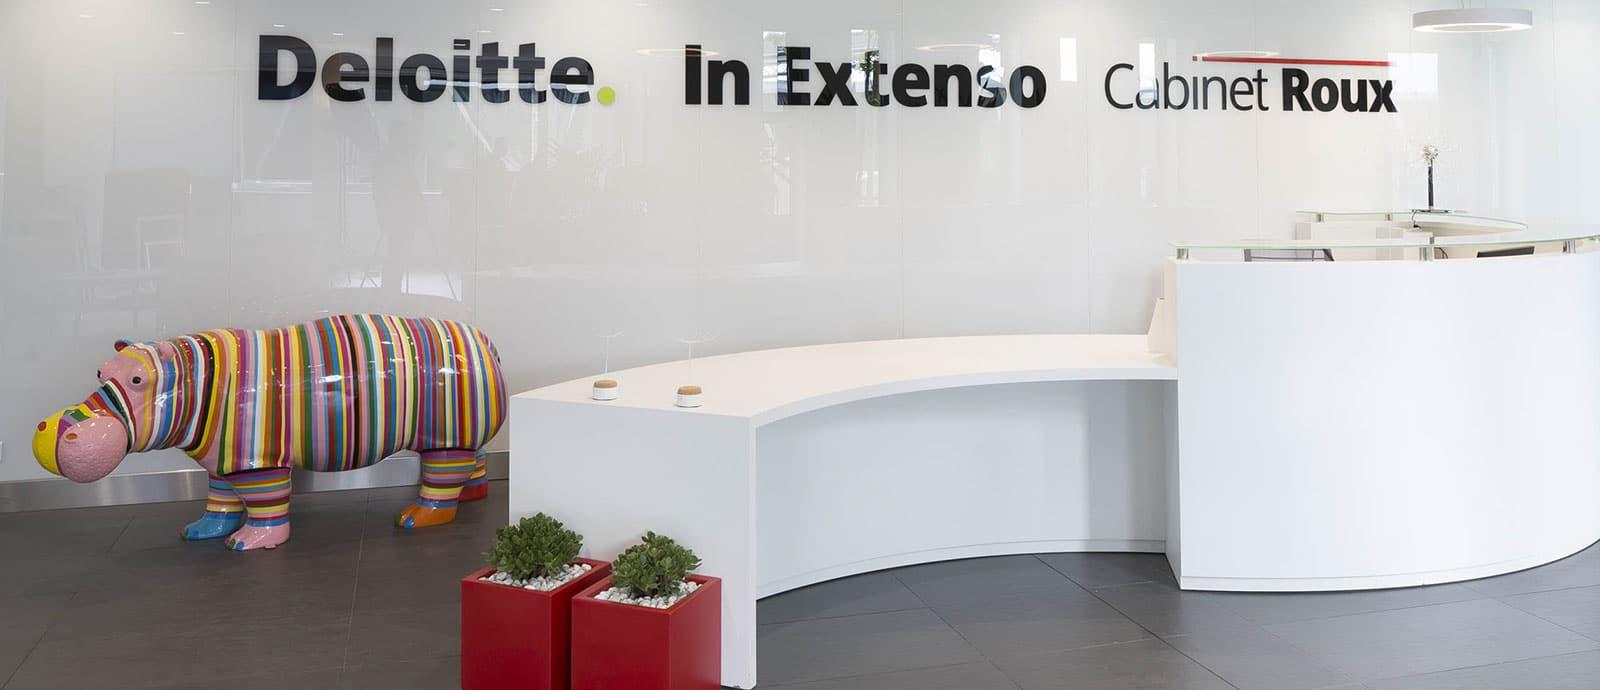 Deloitte In Extenso